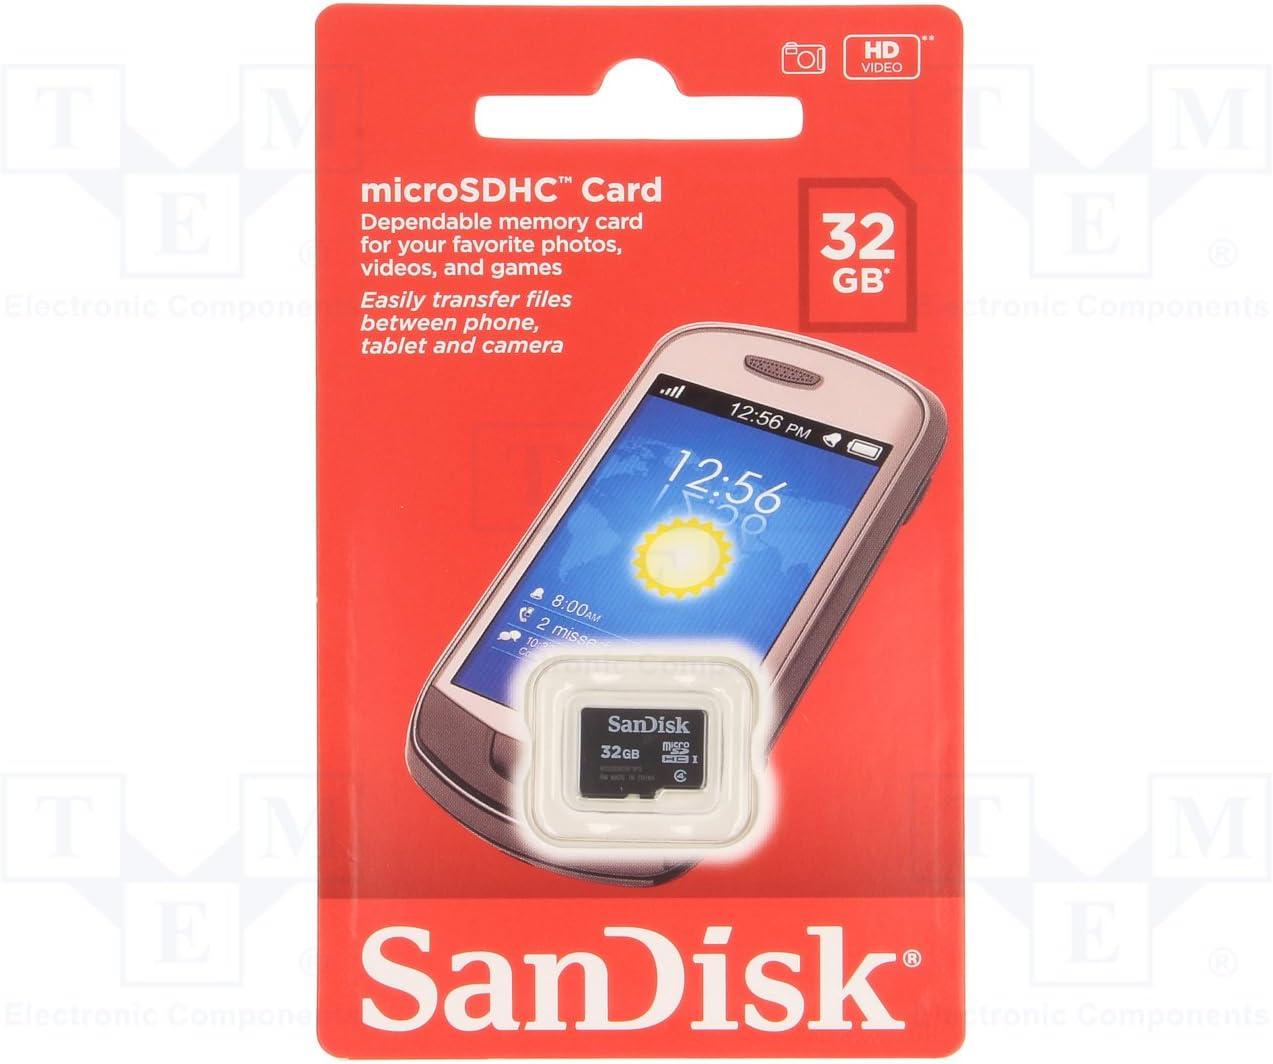 Sandisk Microsdhc 32gb Speicherkarte Computer Zubehör